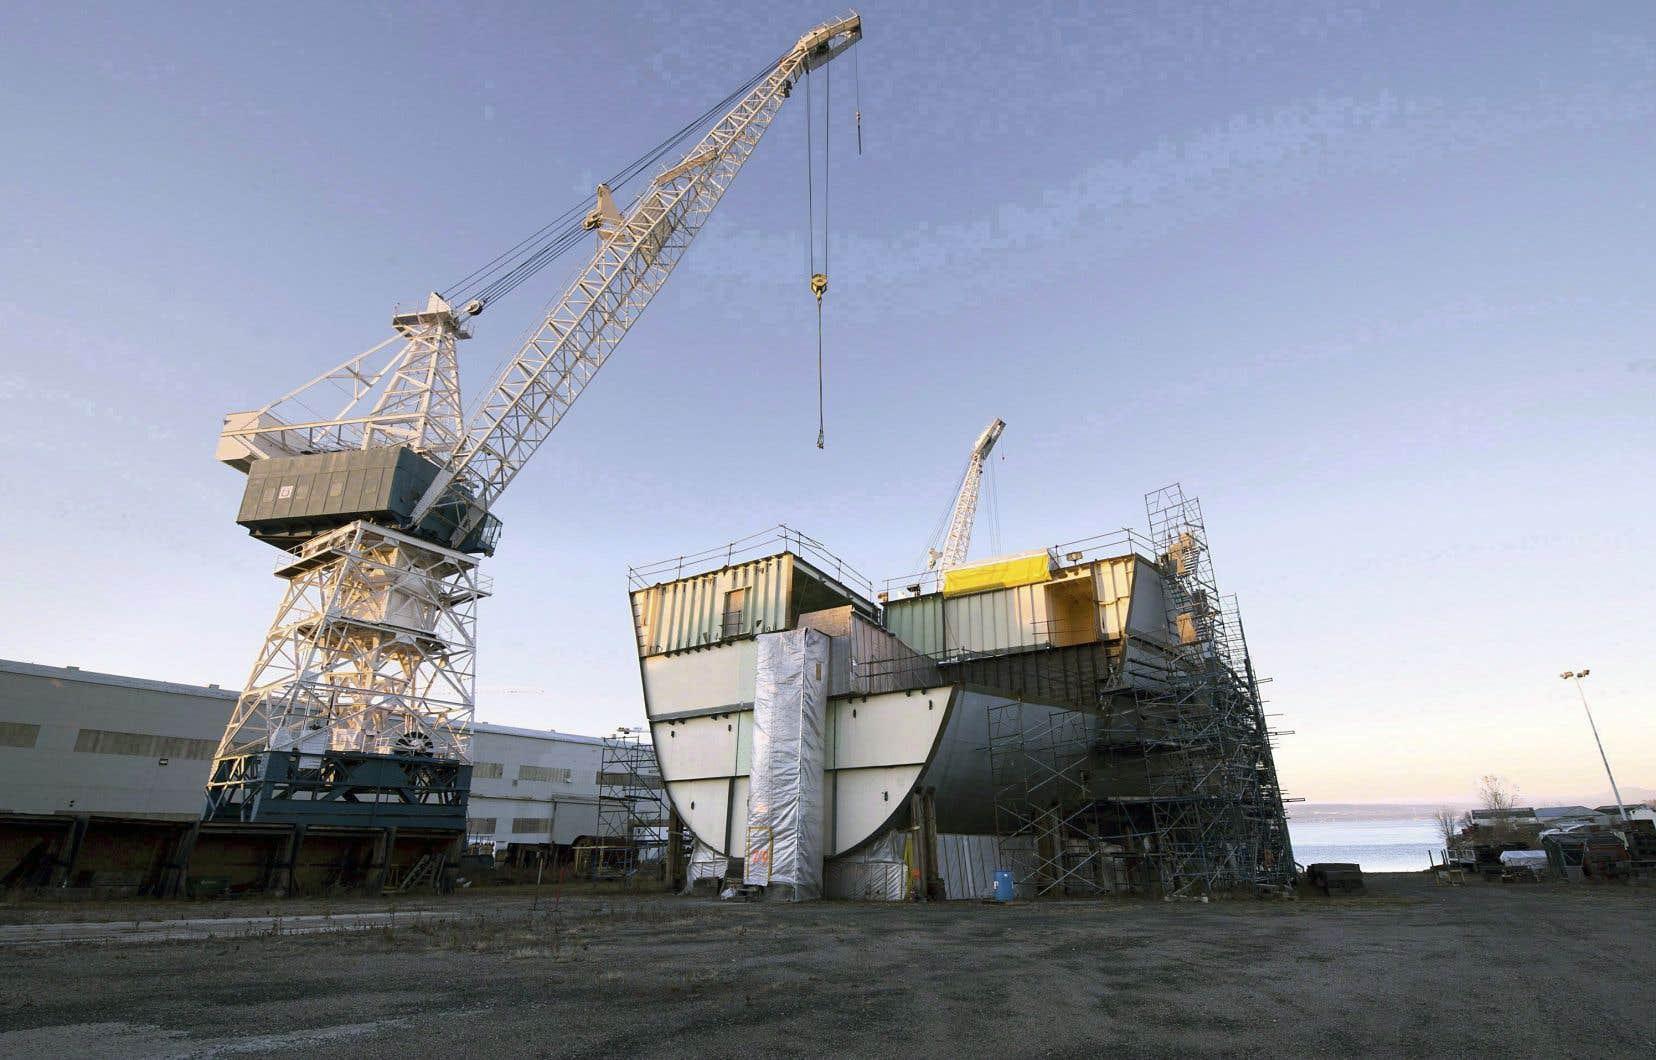 Les travaux devraient commencer en 2020 et durer cinq ans. Ils devraient aussi permettre de créer ou de préserver près de 400 emplois par chantier naval.